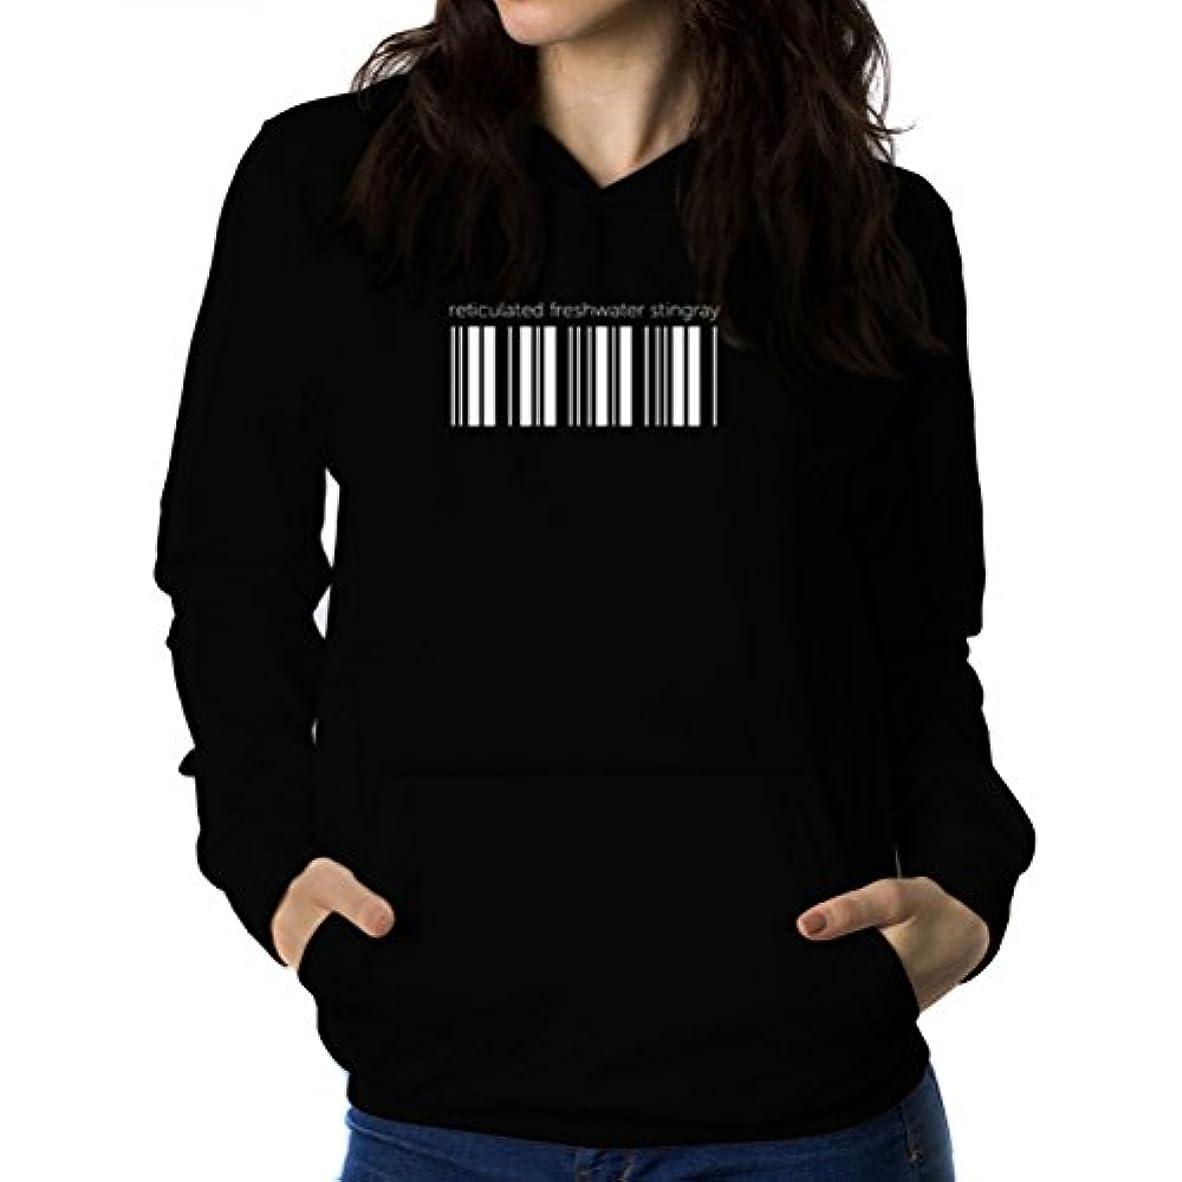 開発する川受取人Reticulated Freshwater Stingray barcode 女性 フーディー